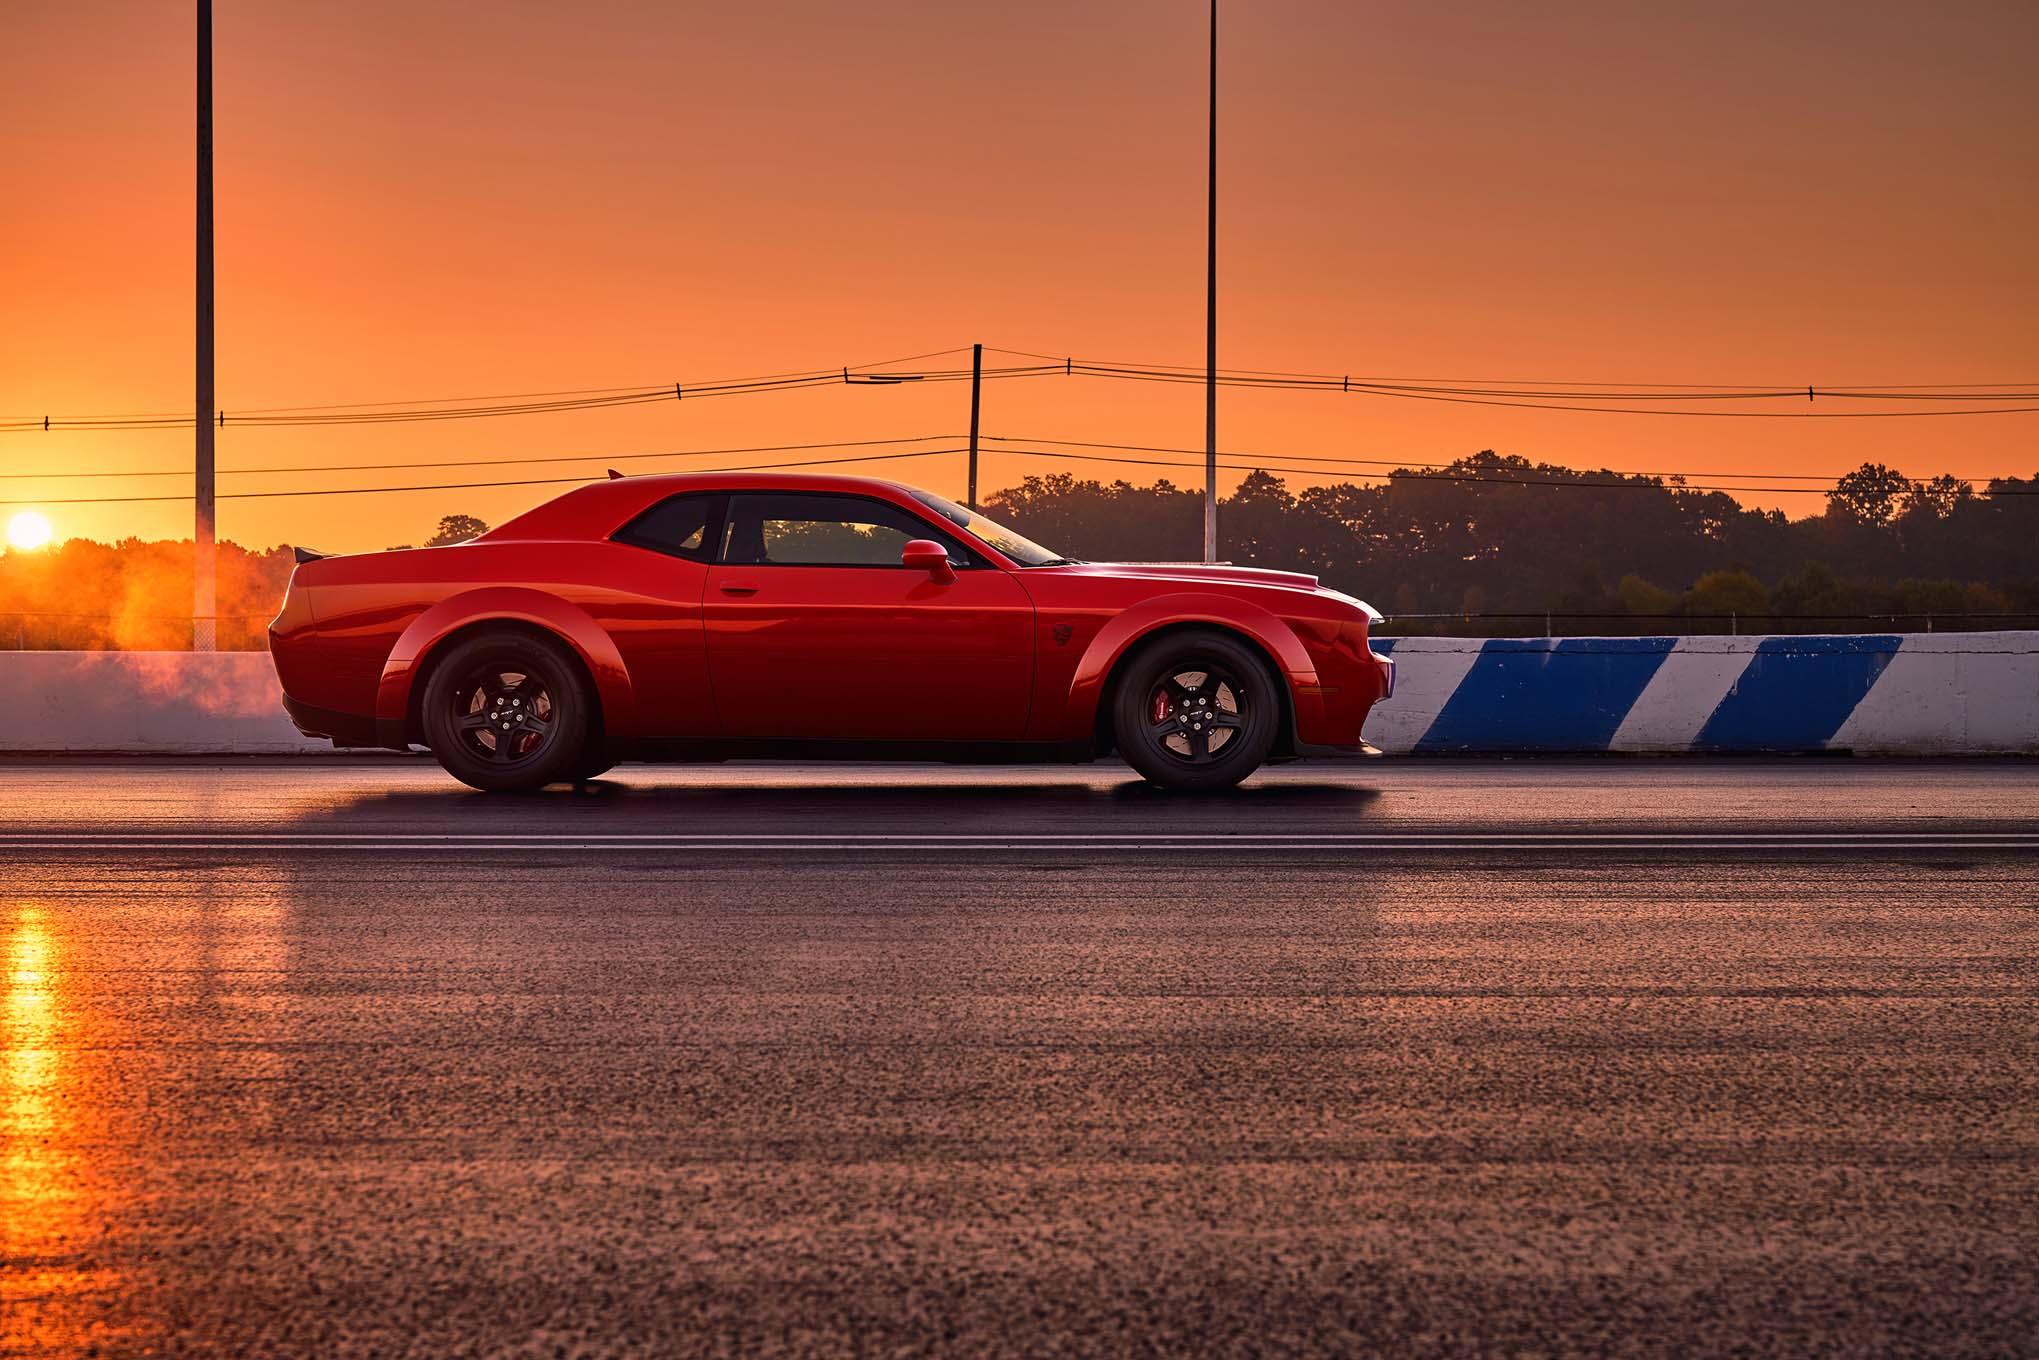 2018 Dodge Challenger SRT Demon Side Profile 02